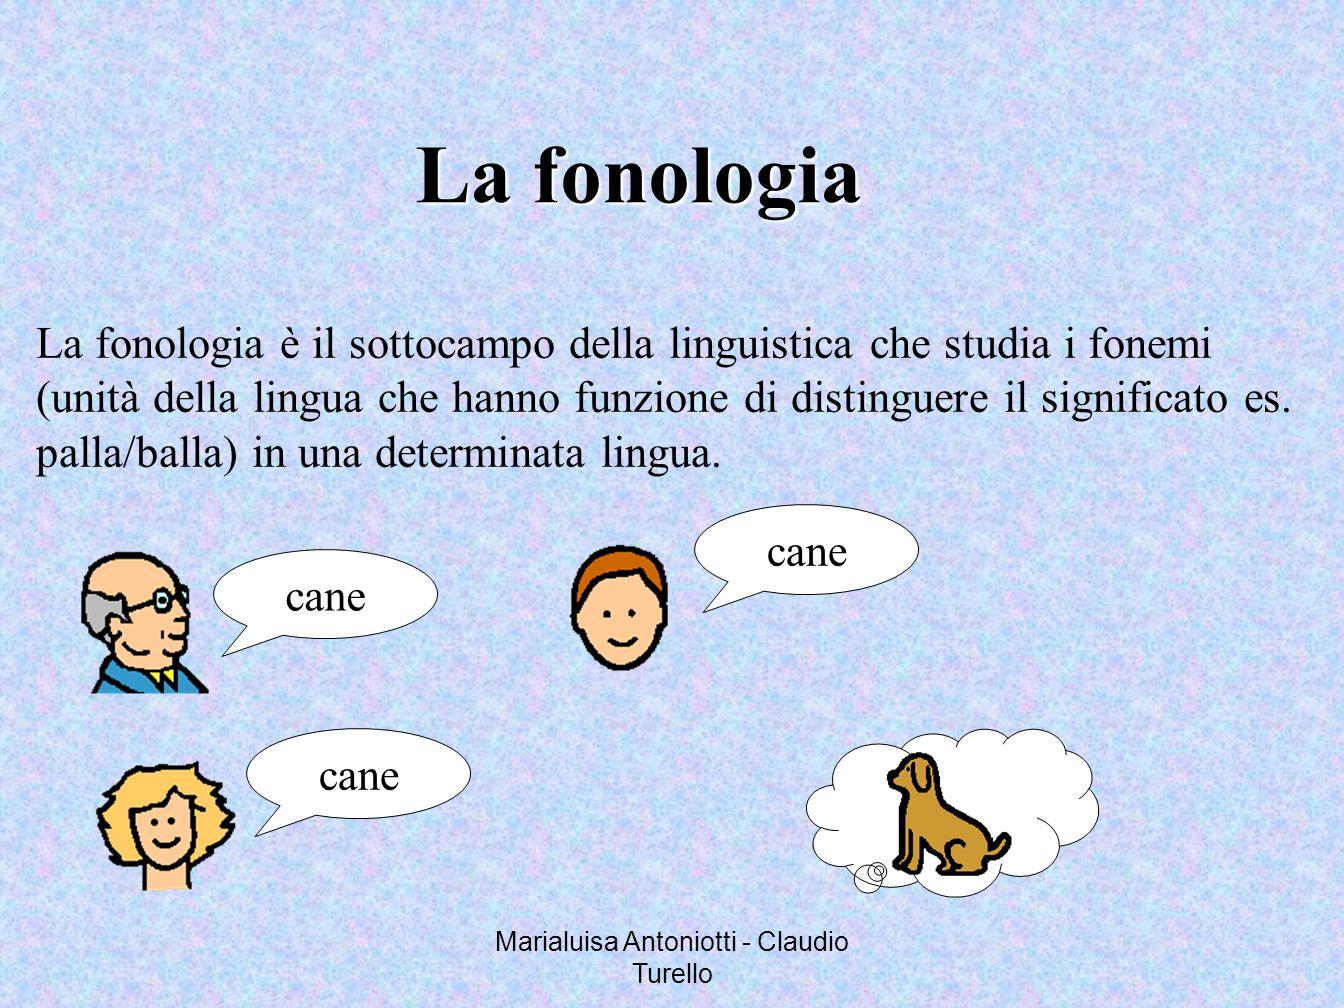 Marialuisa Antoniotti - Claudio Turello La fonologia La fonologia è il sottocampo della linguistica che studia i fonemi (unità della lingua che hanno